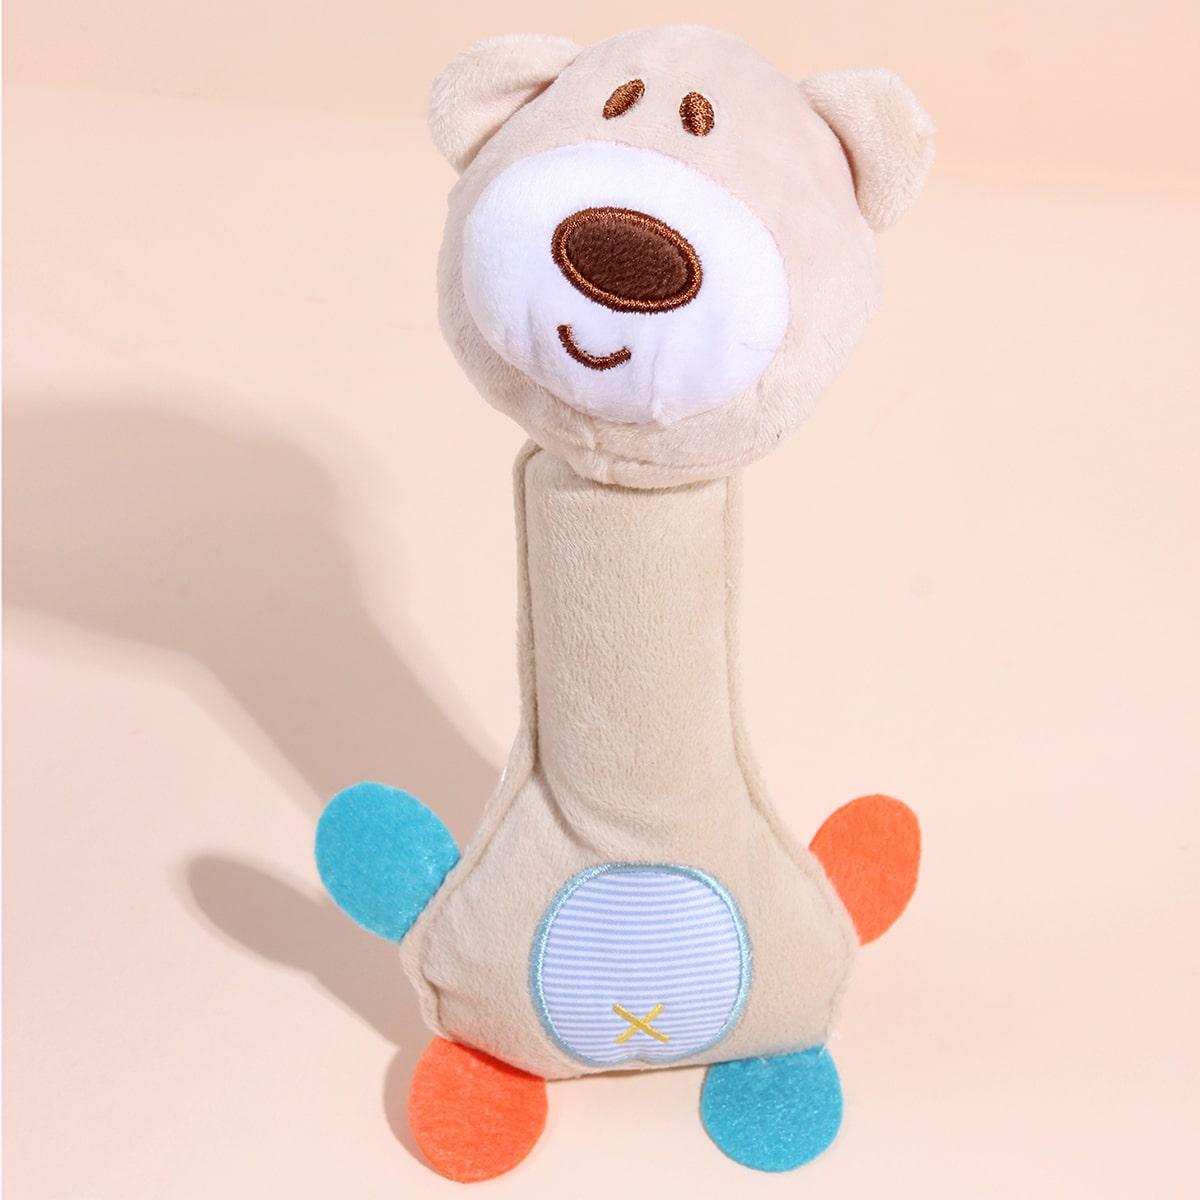 Hund Soundspielzeug mit Bären Design